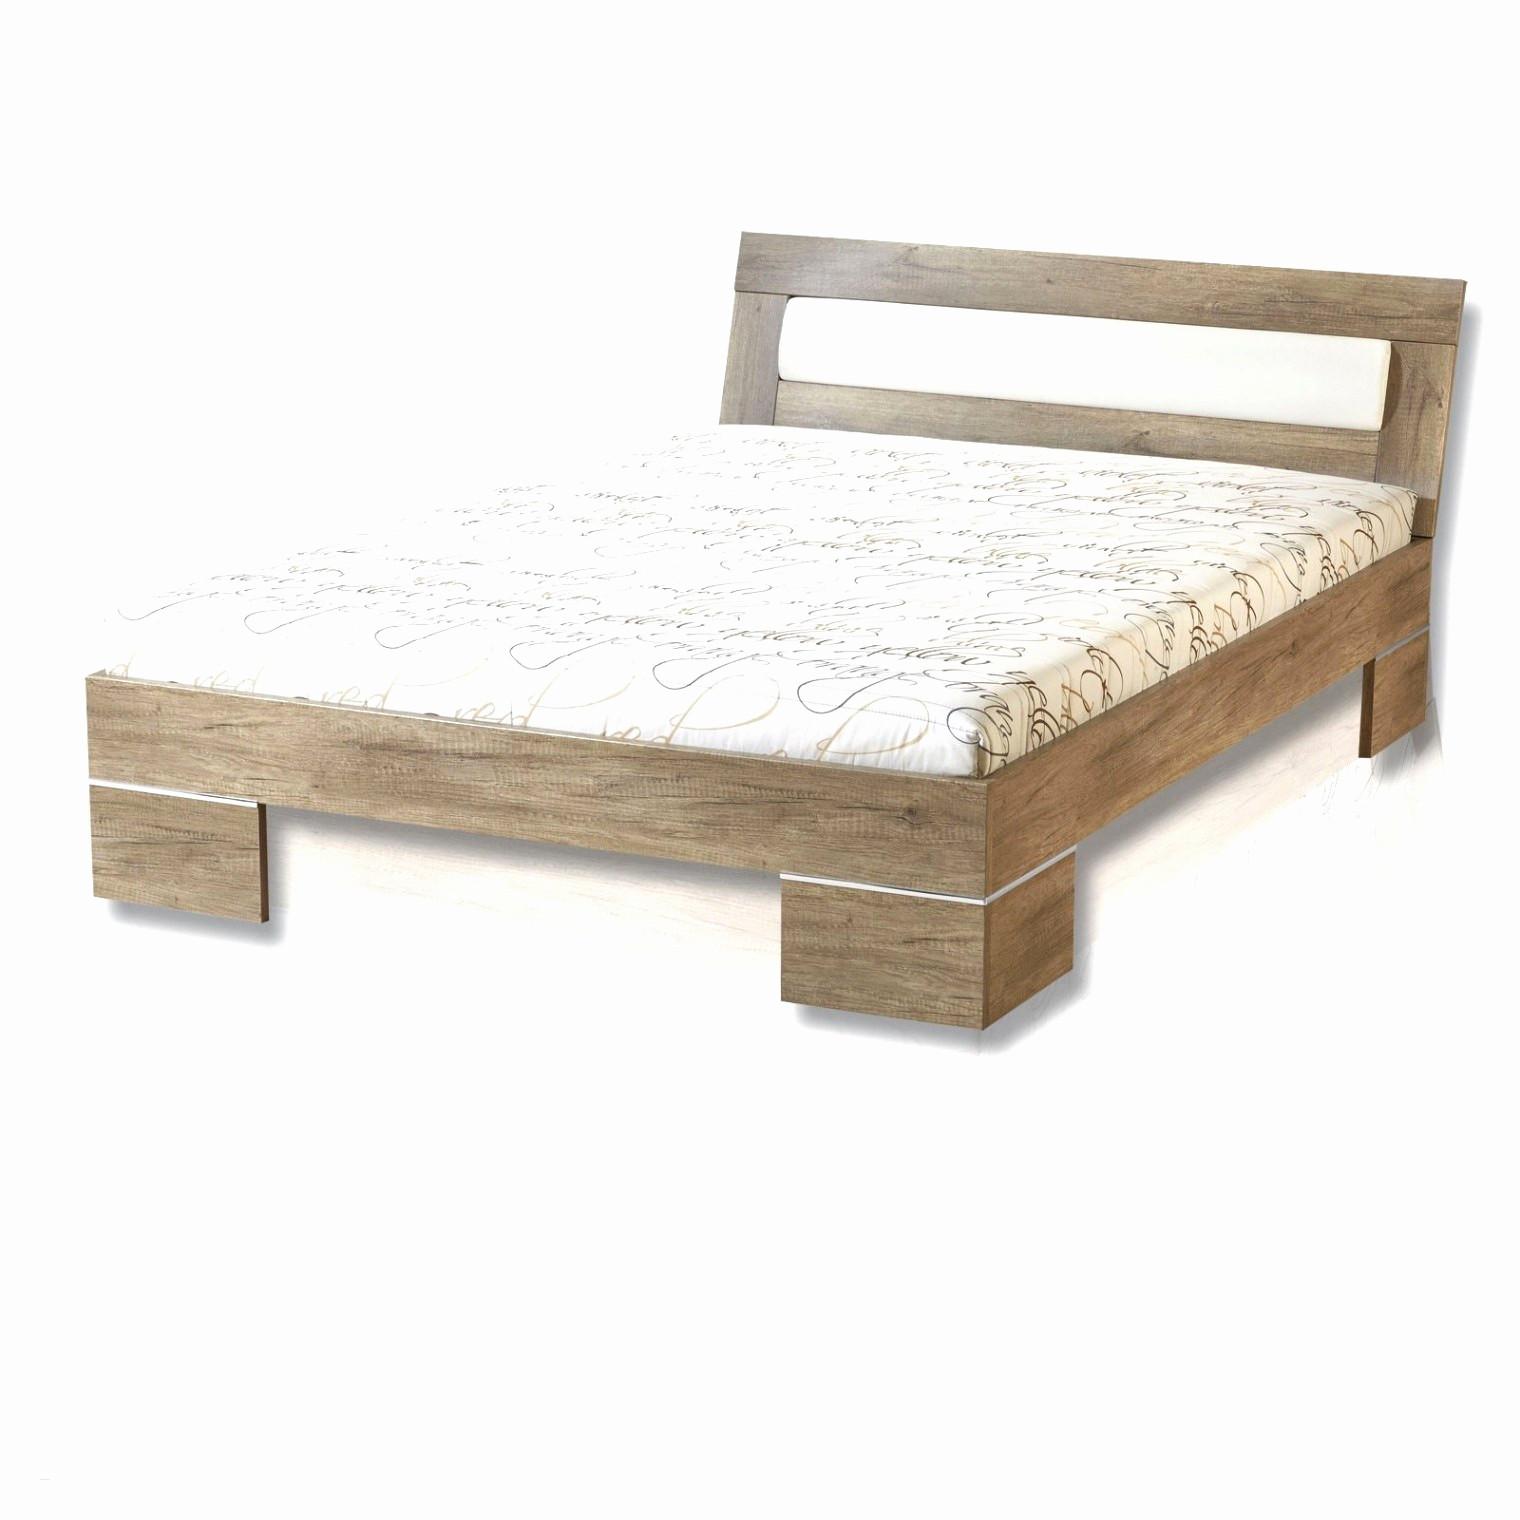 Günstige Betten Mit Lattenrost Und Matratze  Günstige Kinderbetten Mit Matratze Und Lattenrost Lovely